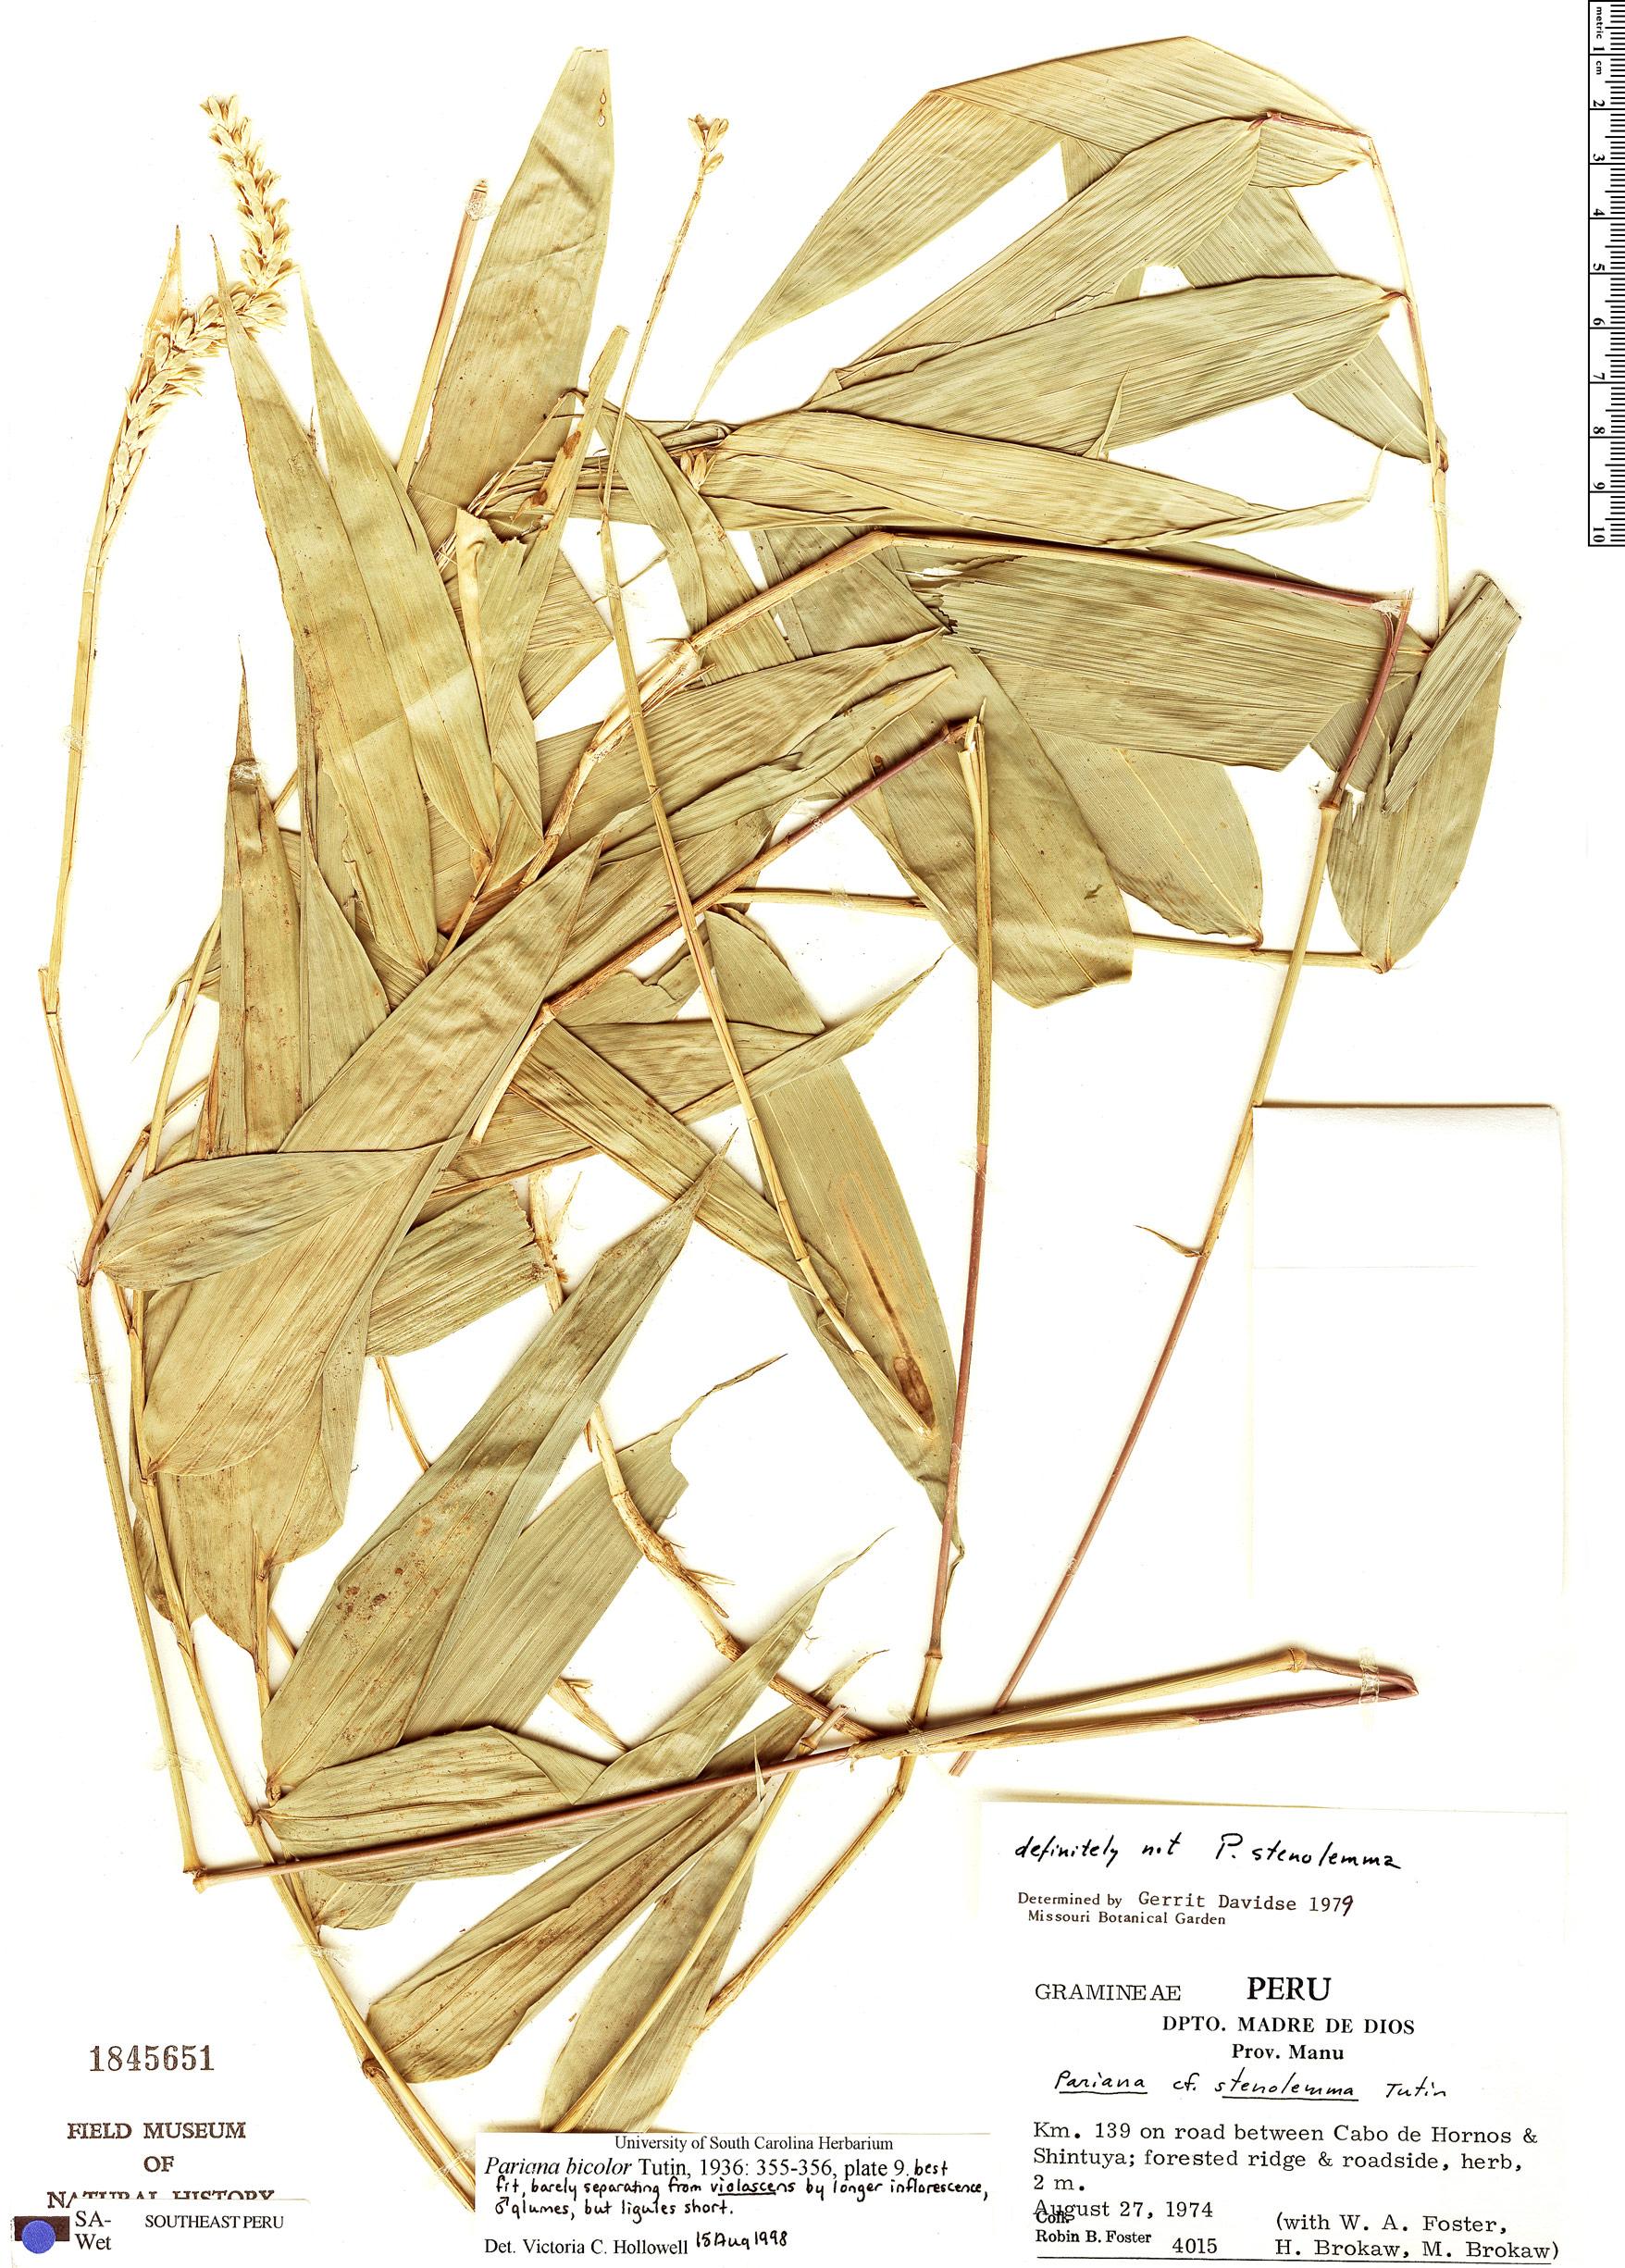 Specimen: Pariana bicolor